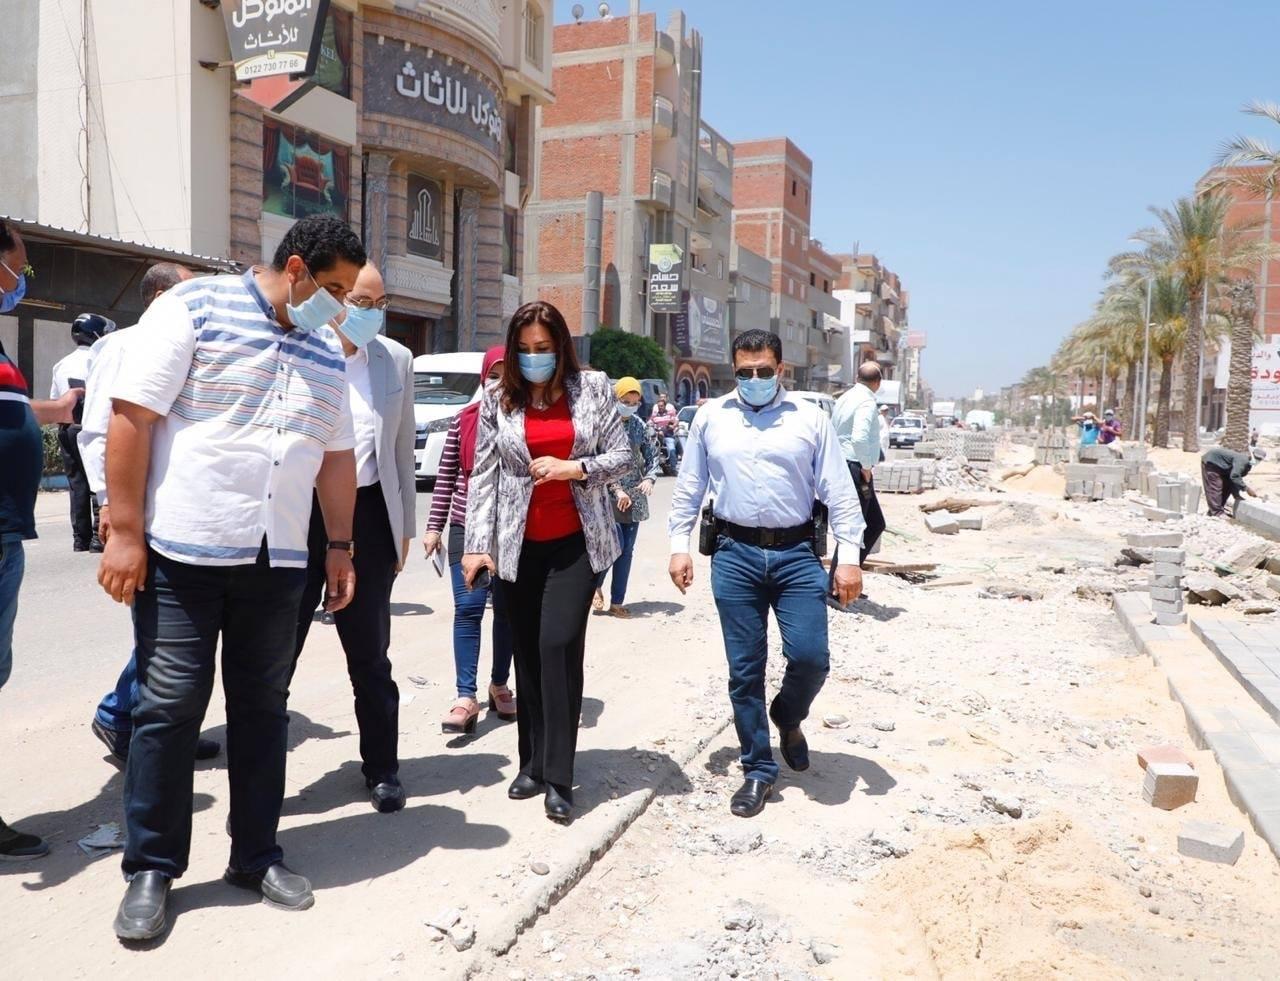 صور | محافظ دمياط تتابع أعمال تطوير ورفع كفاءة طريق الدكتور على مصطفى مشرفة